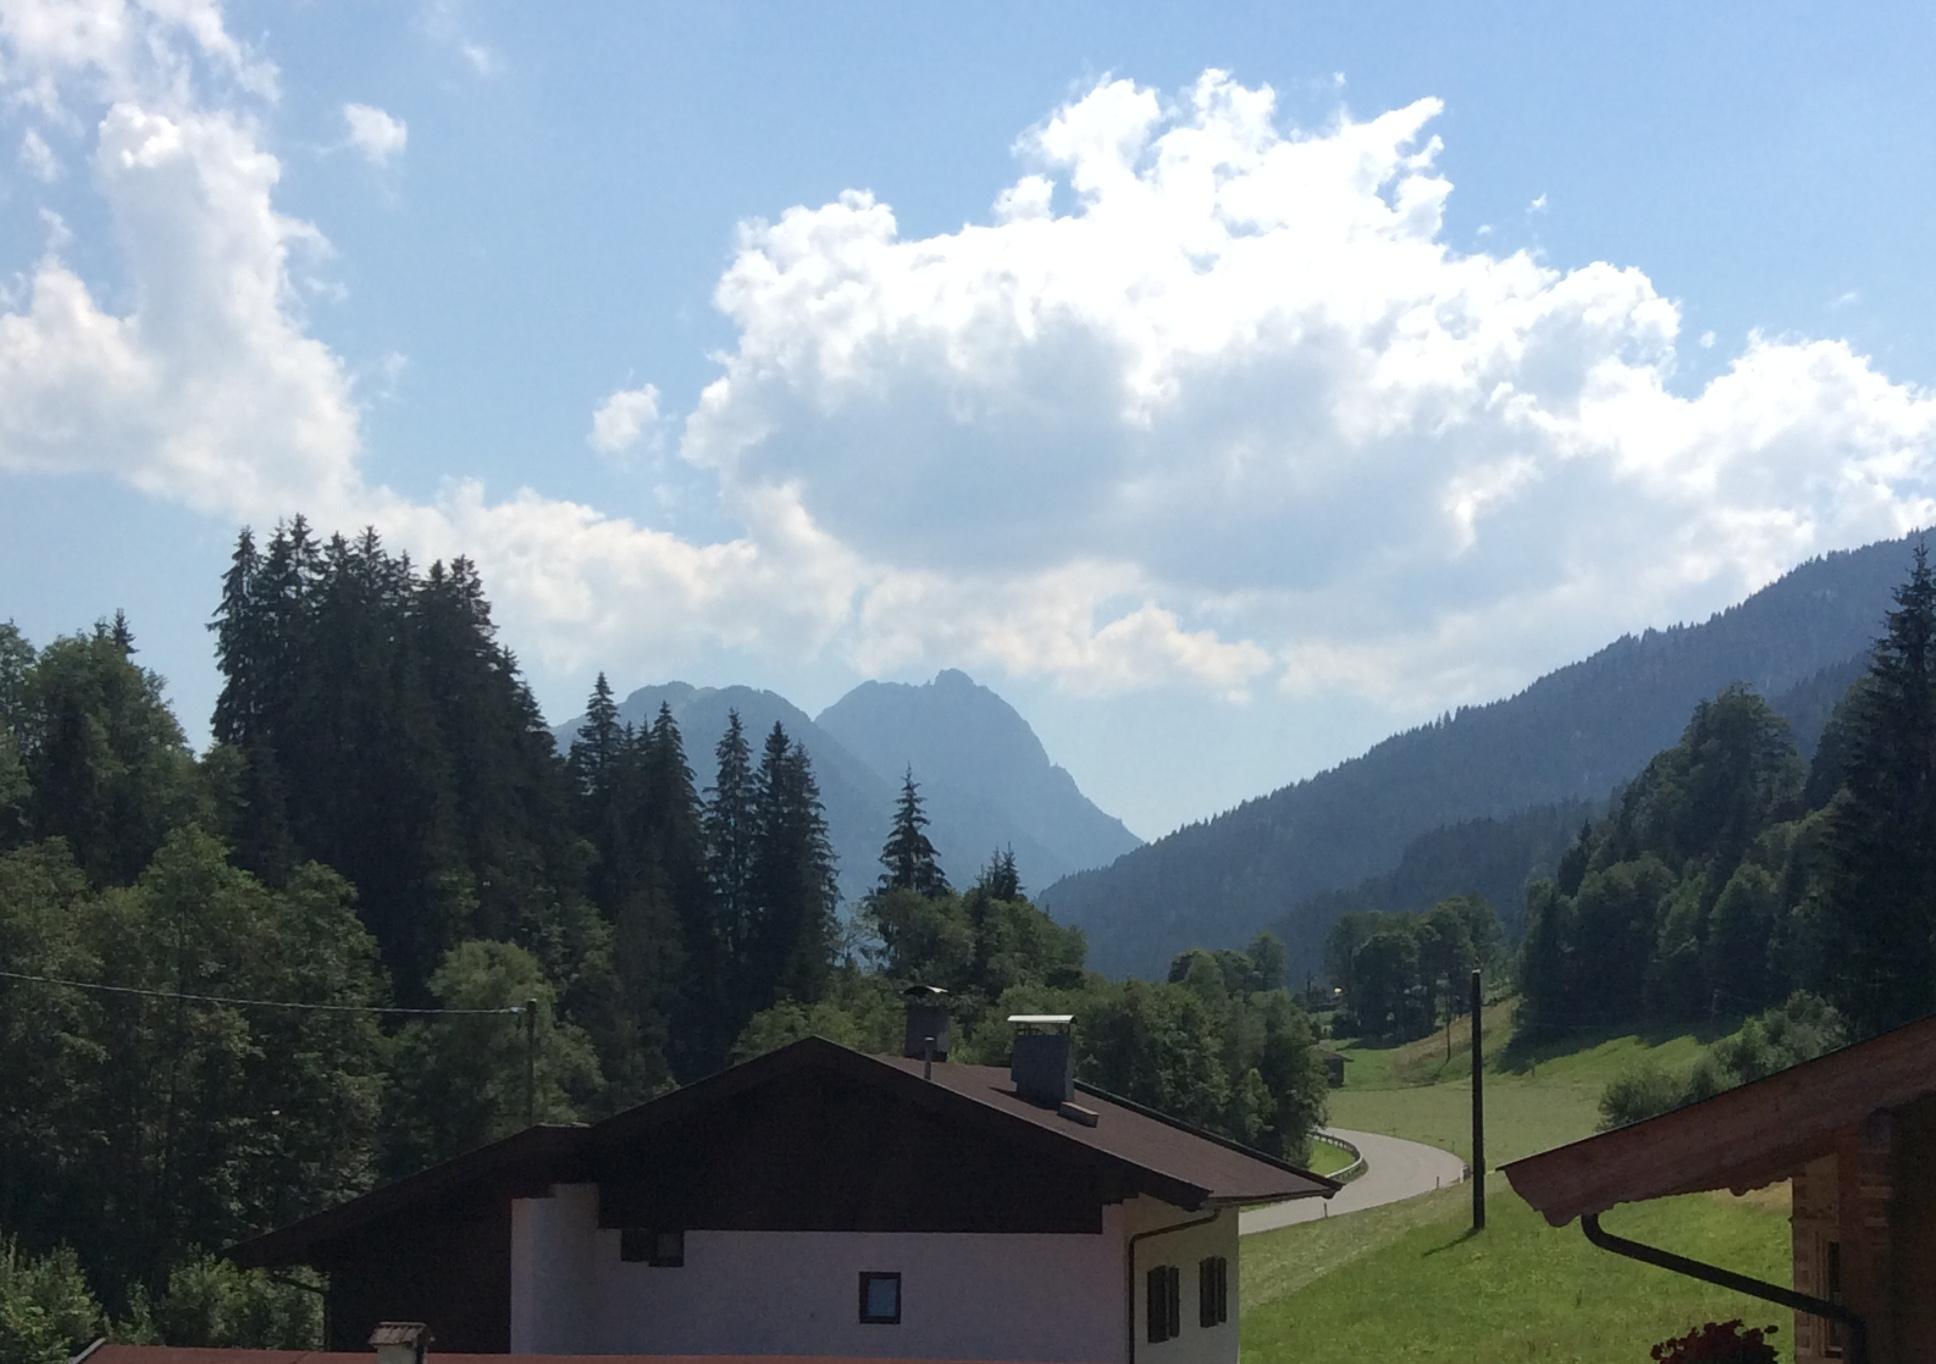 Kirchberg, Reiserer 14, Blick auf den Rettenstein